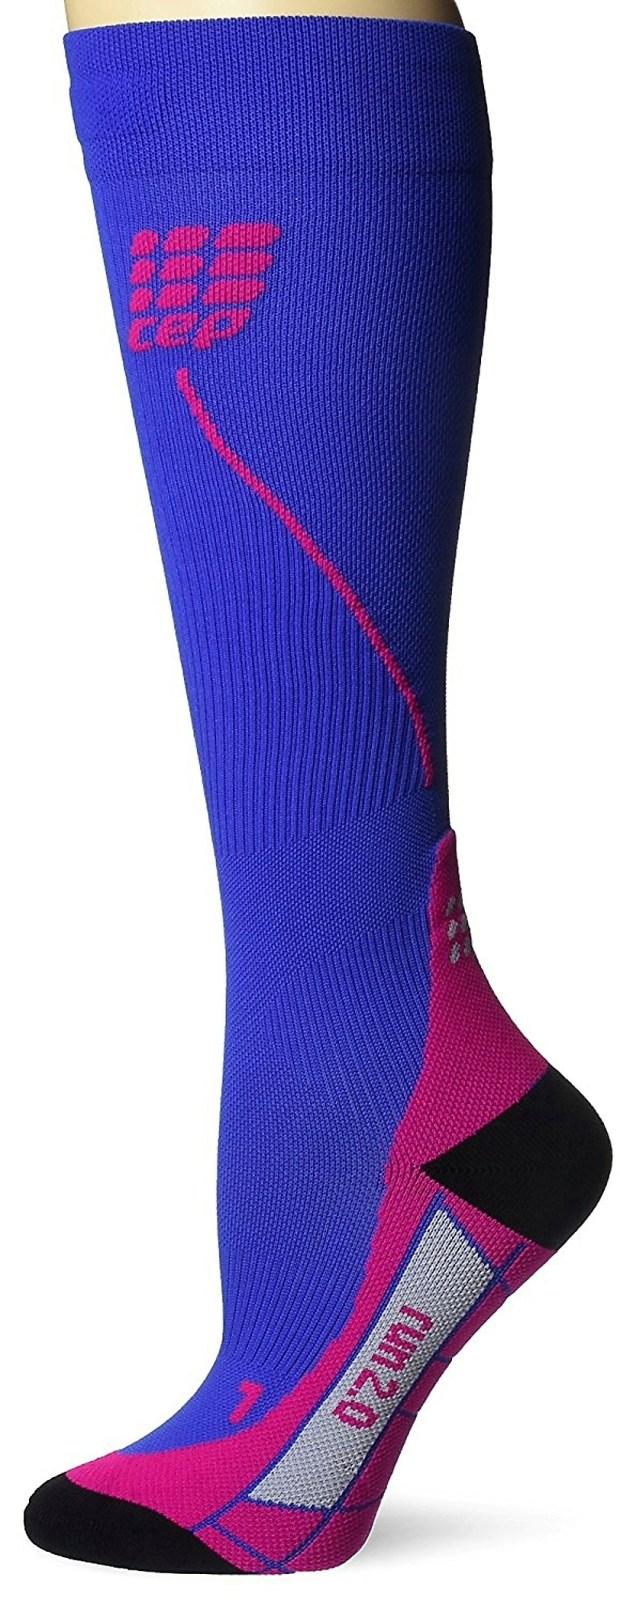 CEP's Progressive Compression Run Sock 2.0.